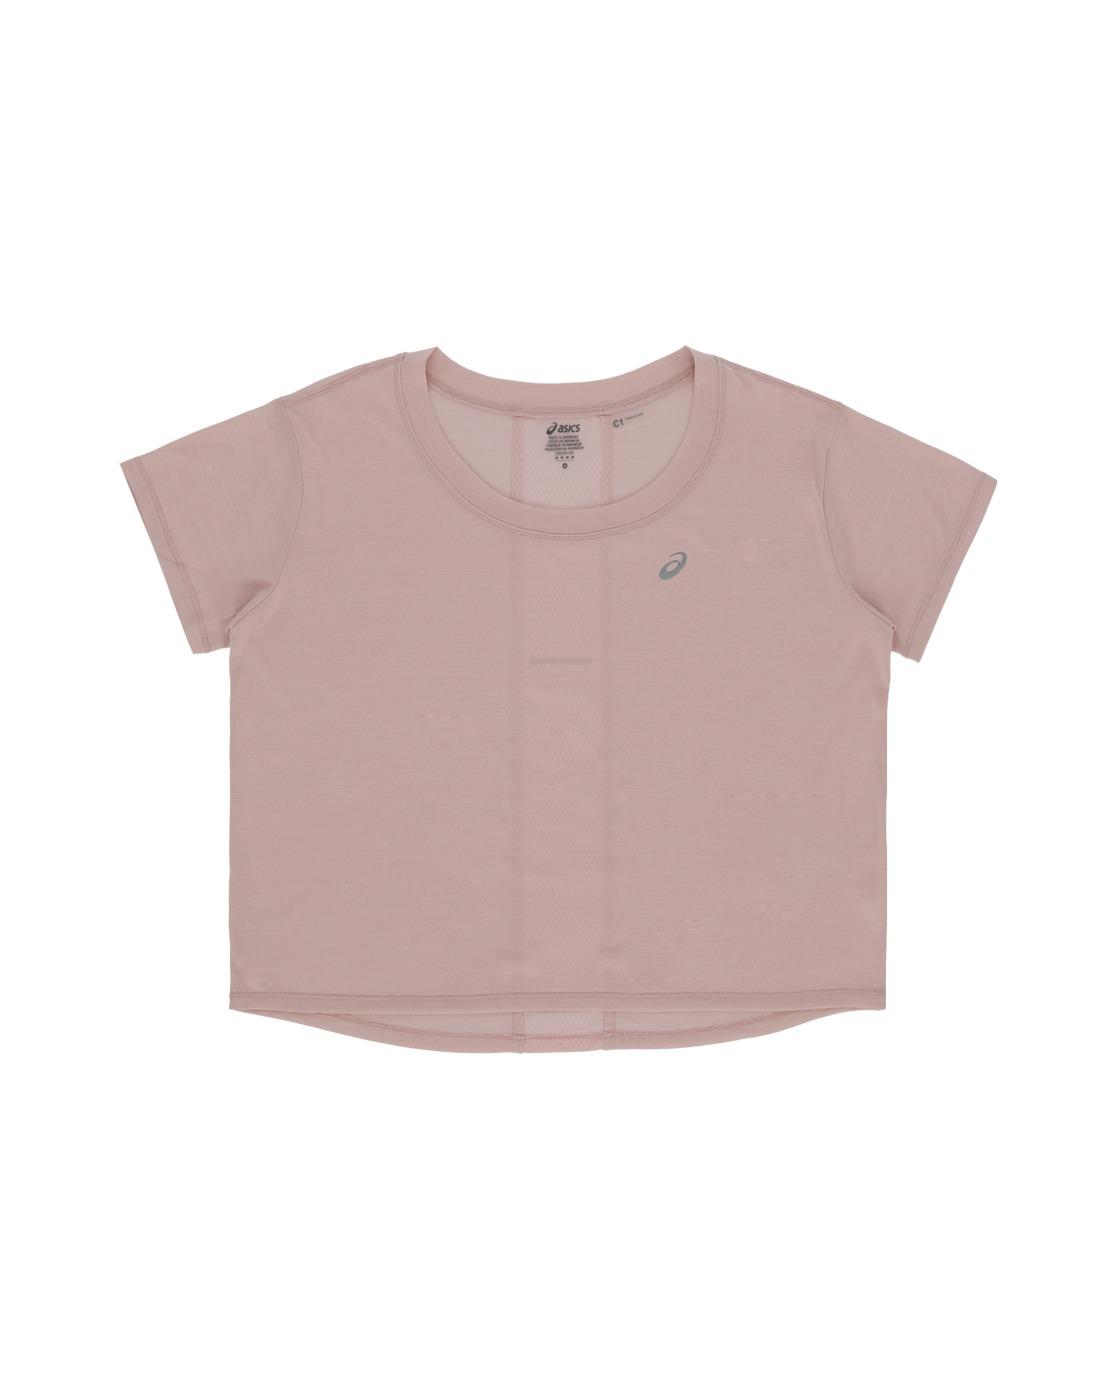 Asics Race Crop T Shirt Ginger Peach